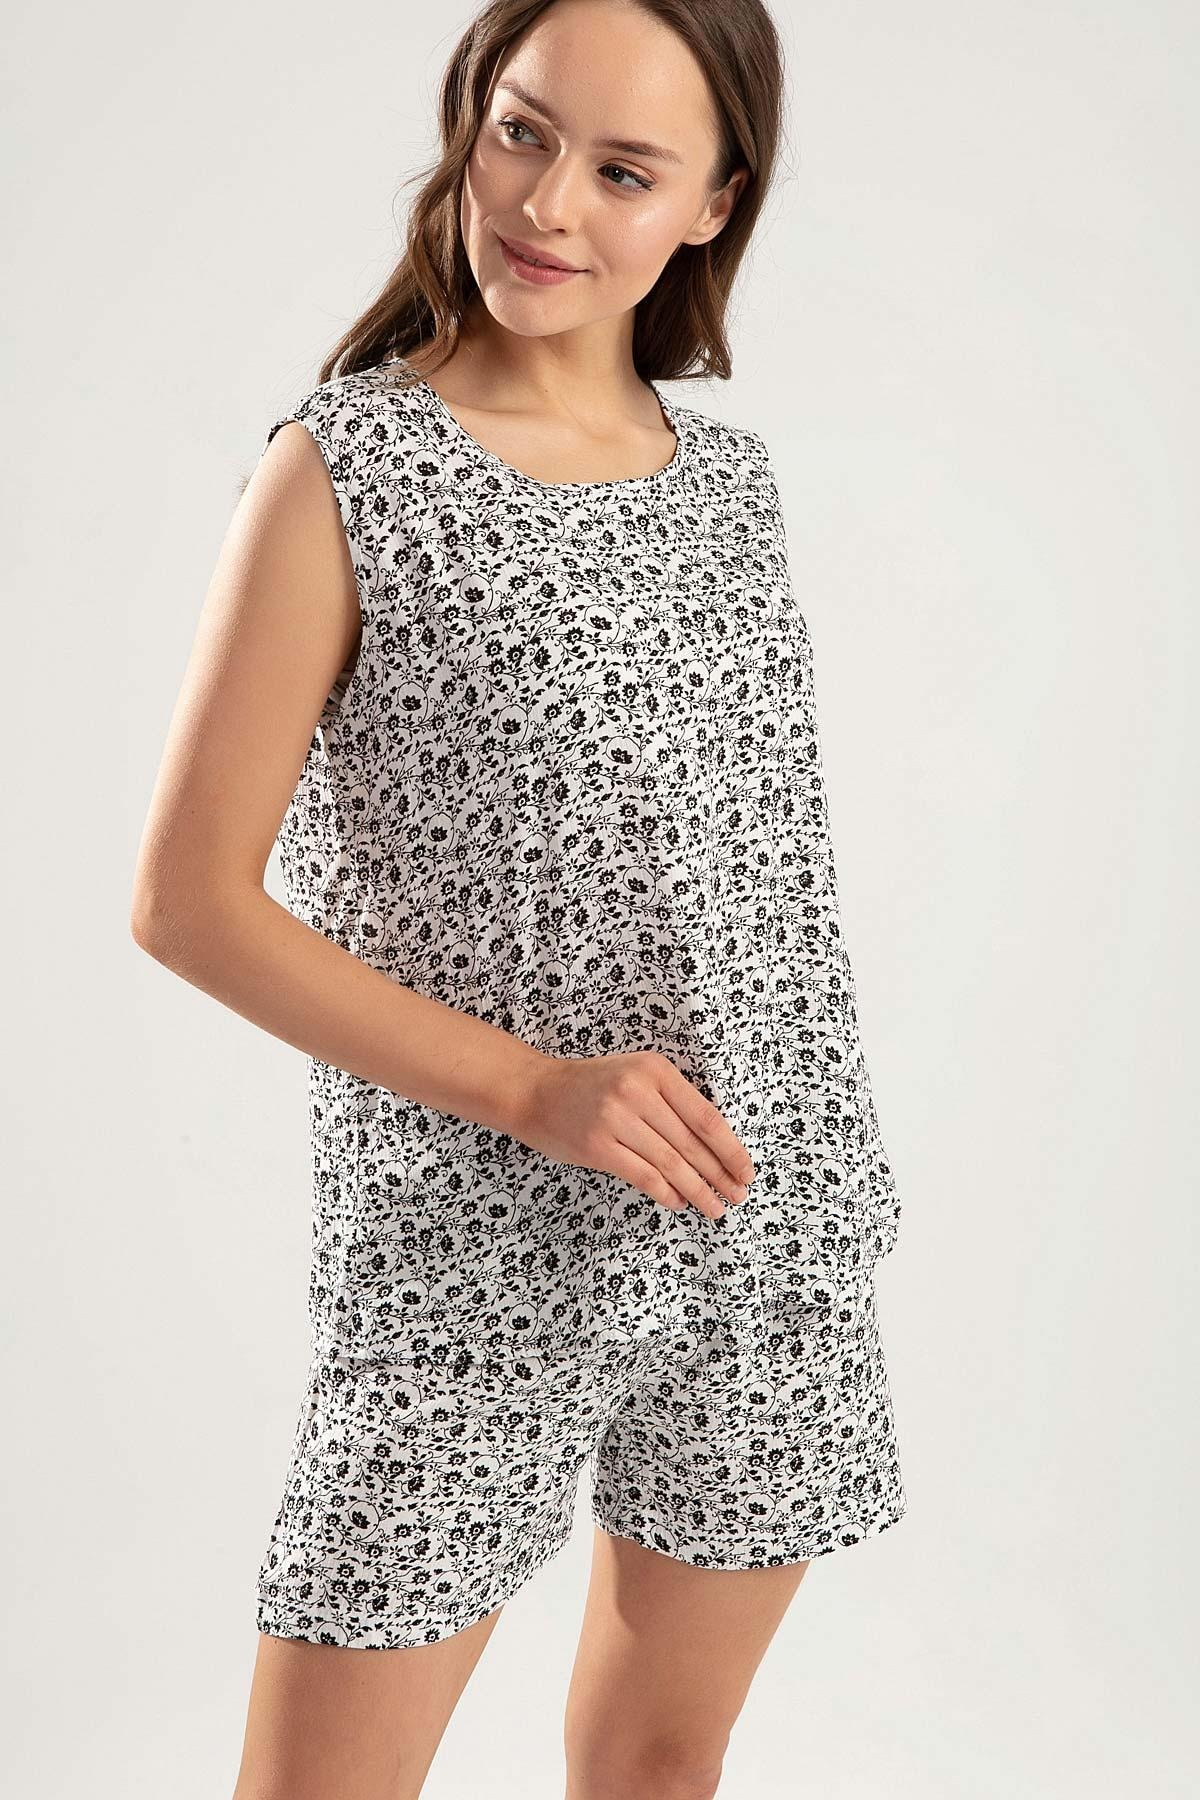 Y-London Kadın Beyaz Siyah Sıfır Kol Atlet Şort Çiçekli Pijama Takımı Y20S110-6478-1 1